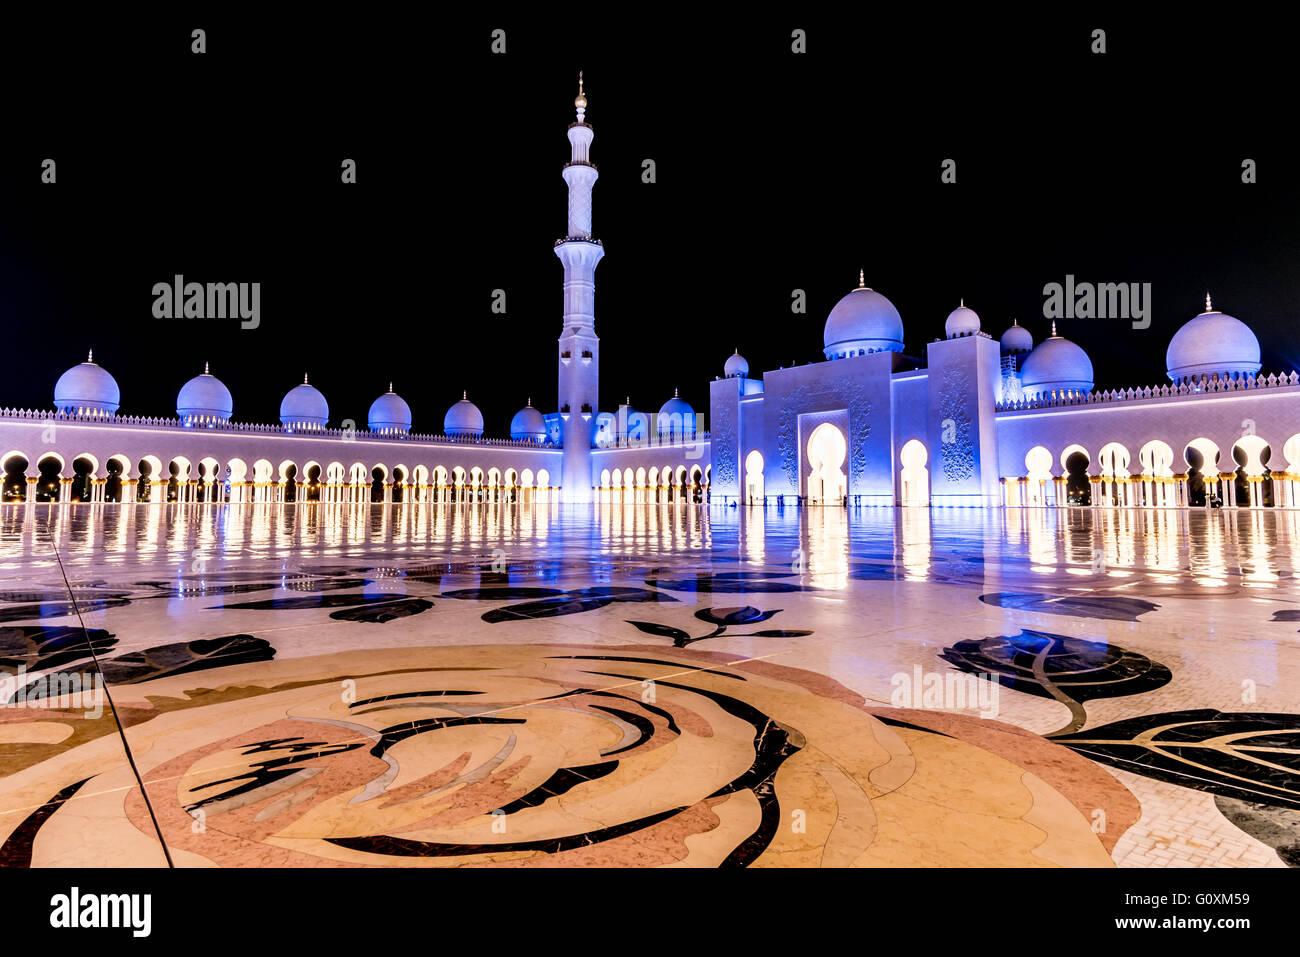 Zheikh Zayed Grande Moschea di Abu Dhabi di notte Immerso in una luce blu Immagini Stock